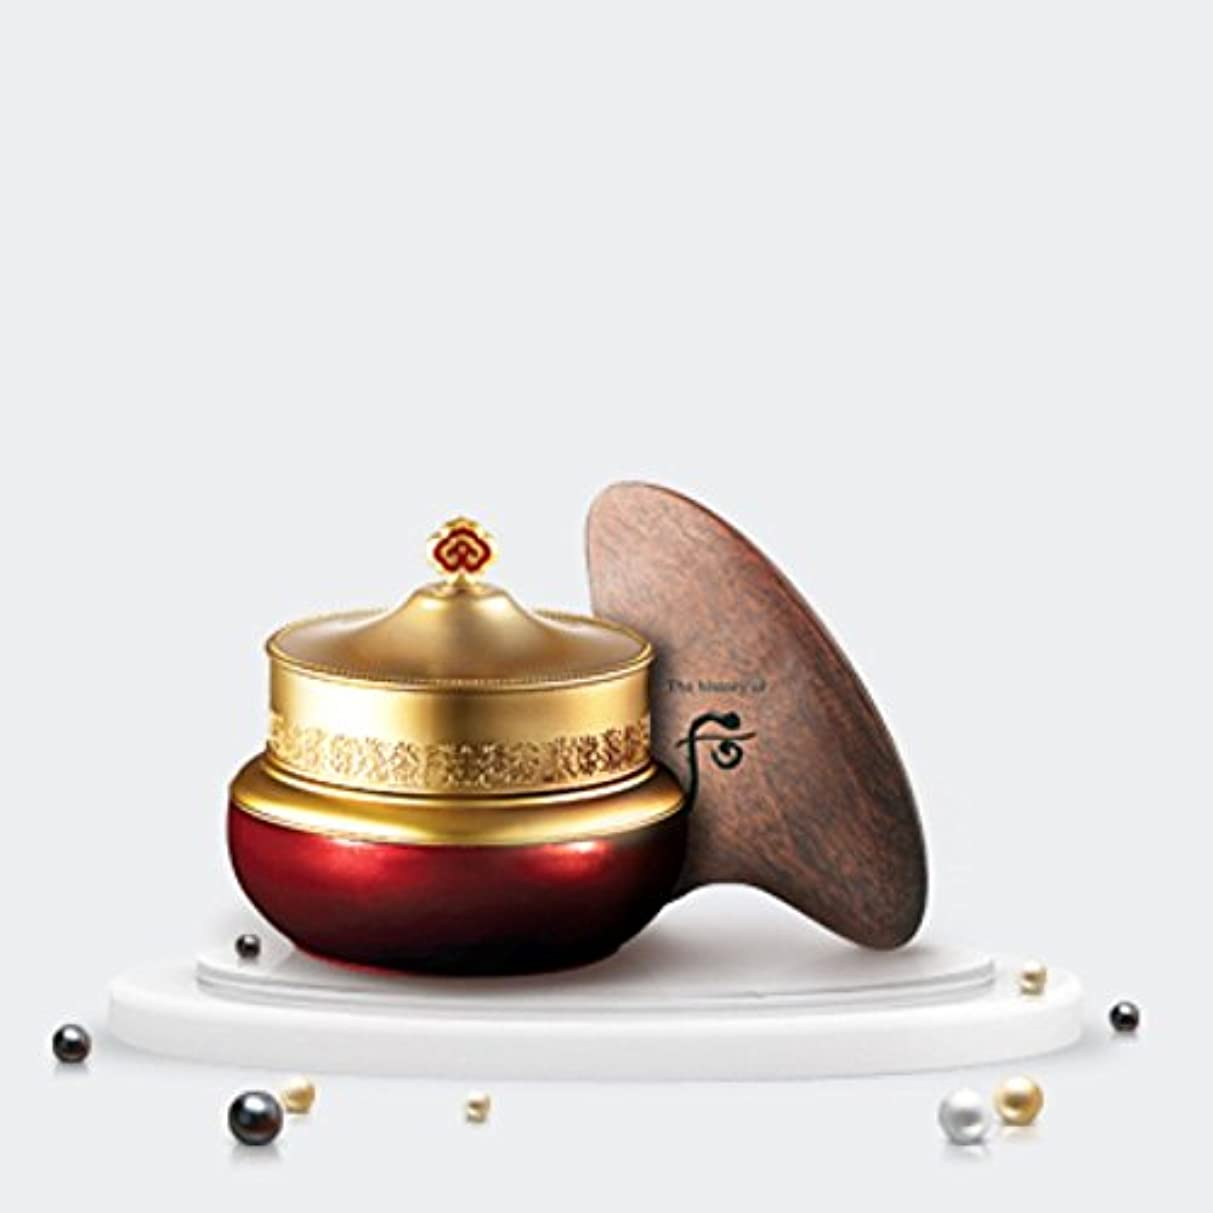 地味な傾向がありますお肉The History of Whoo Jinyulhyang Essential Massage Mask 100ml/ザ ヒストリー オブ フー (后) 津率享 エッセンシャル マッサージ マスク 100ml